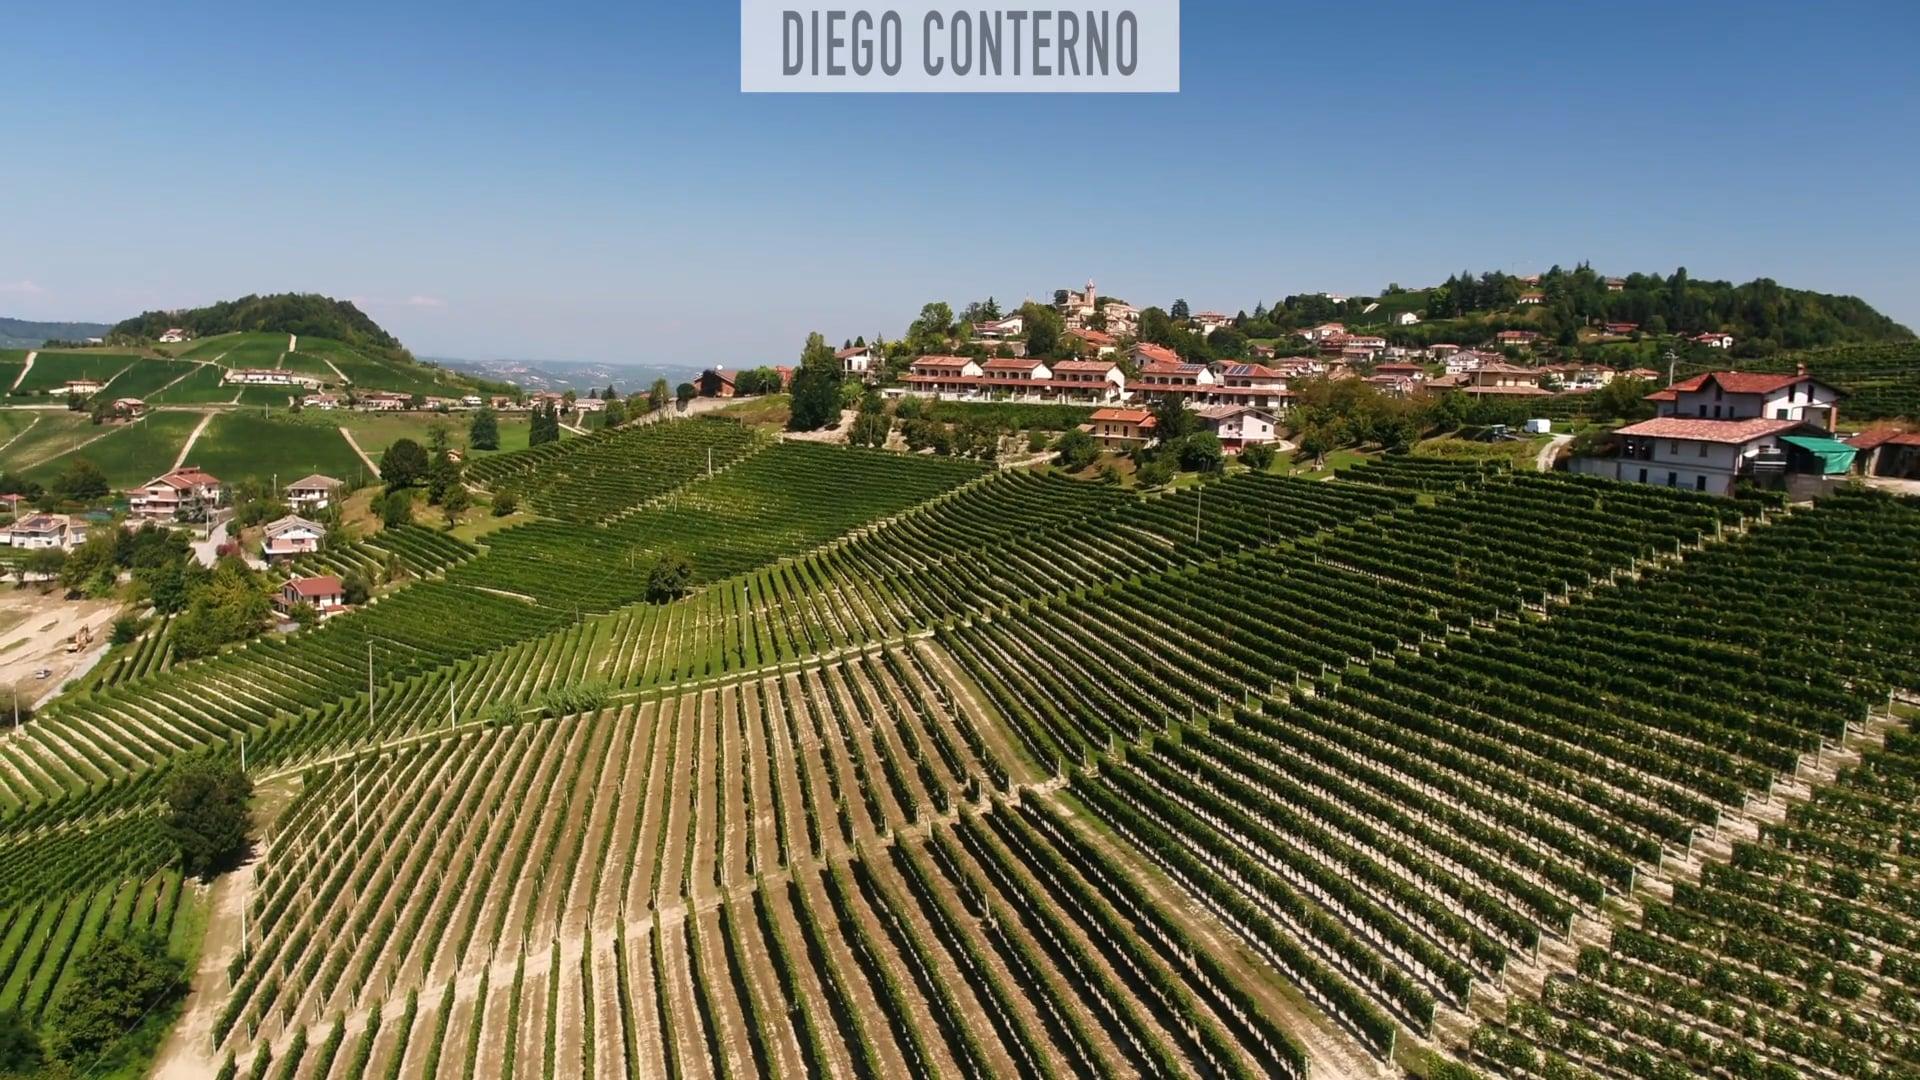 Diego Conterno | Il vigneto di Monforte d'Alba |  The vineyard of Monforte d'Alba